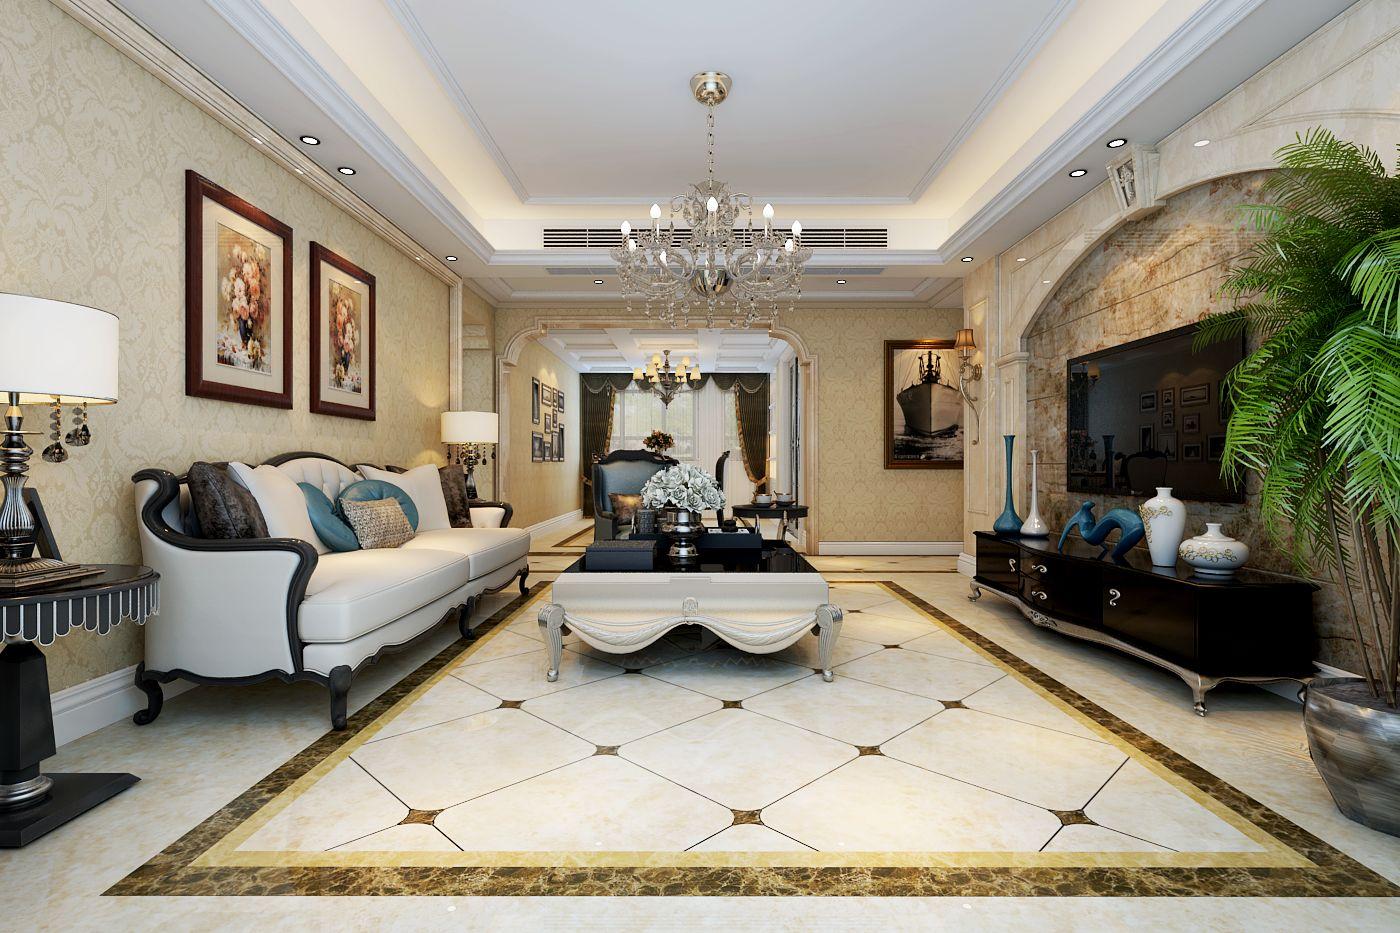 别墅客厅装饰设计要点 别墅客厅装饰设计技巧